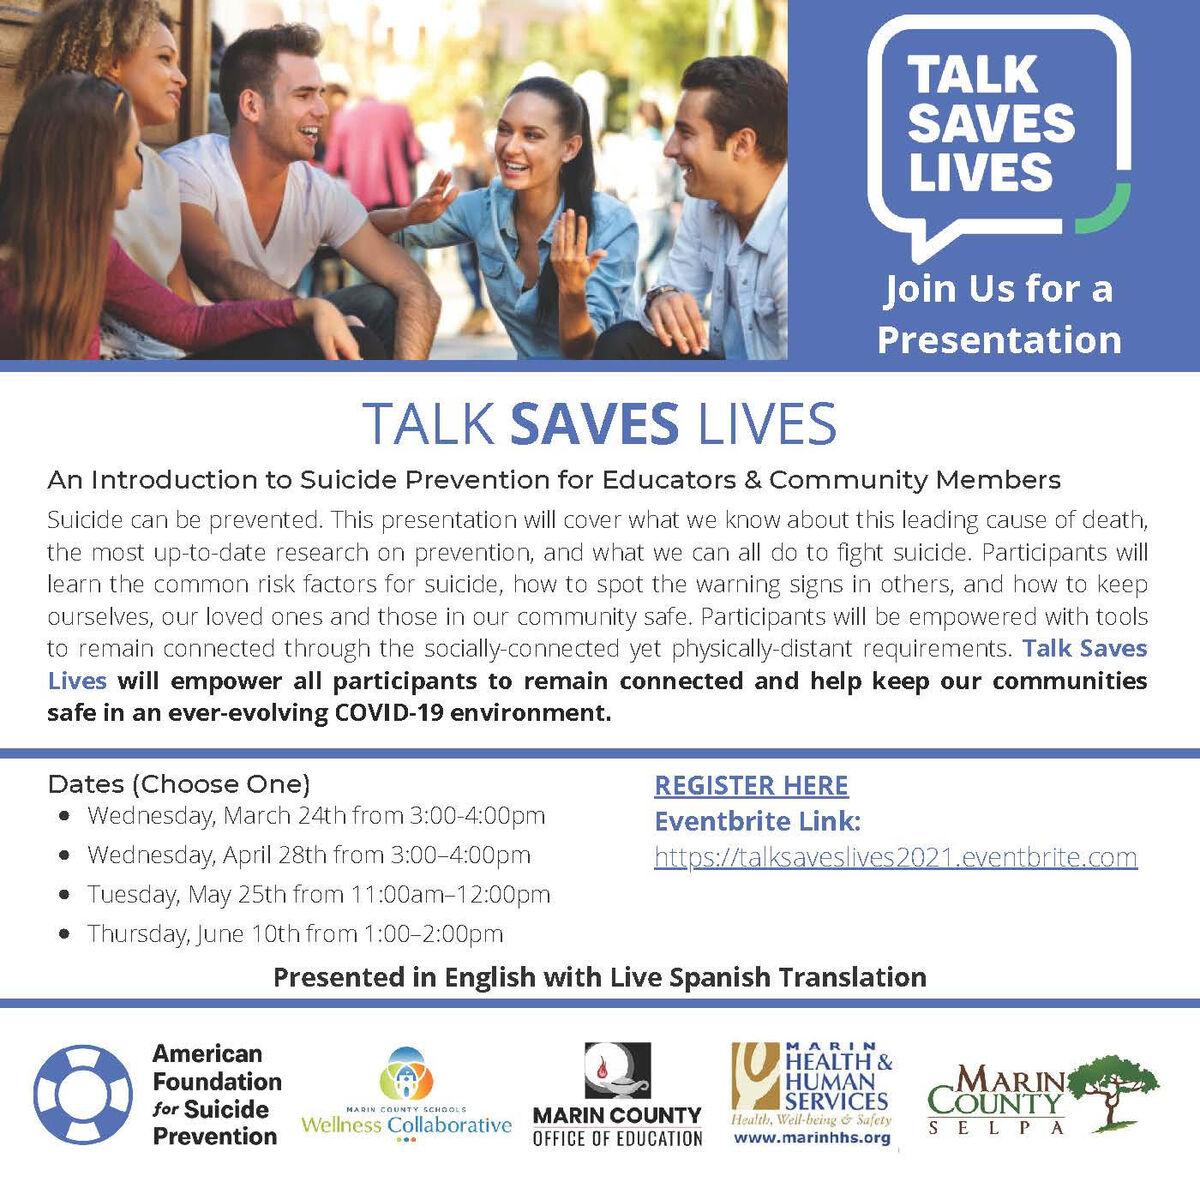 Talk Saves Lives presentation flyer